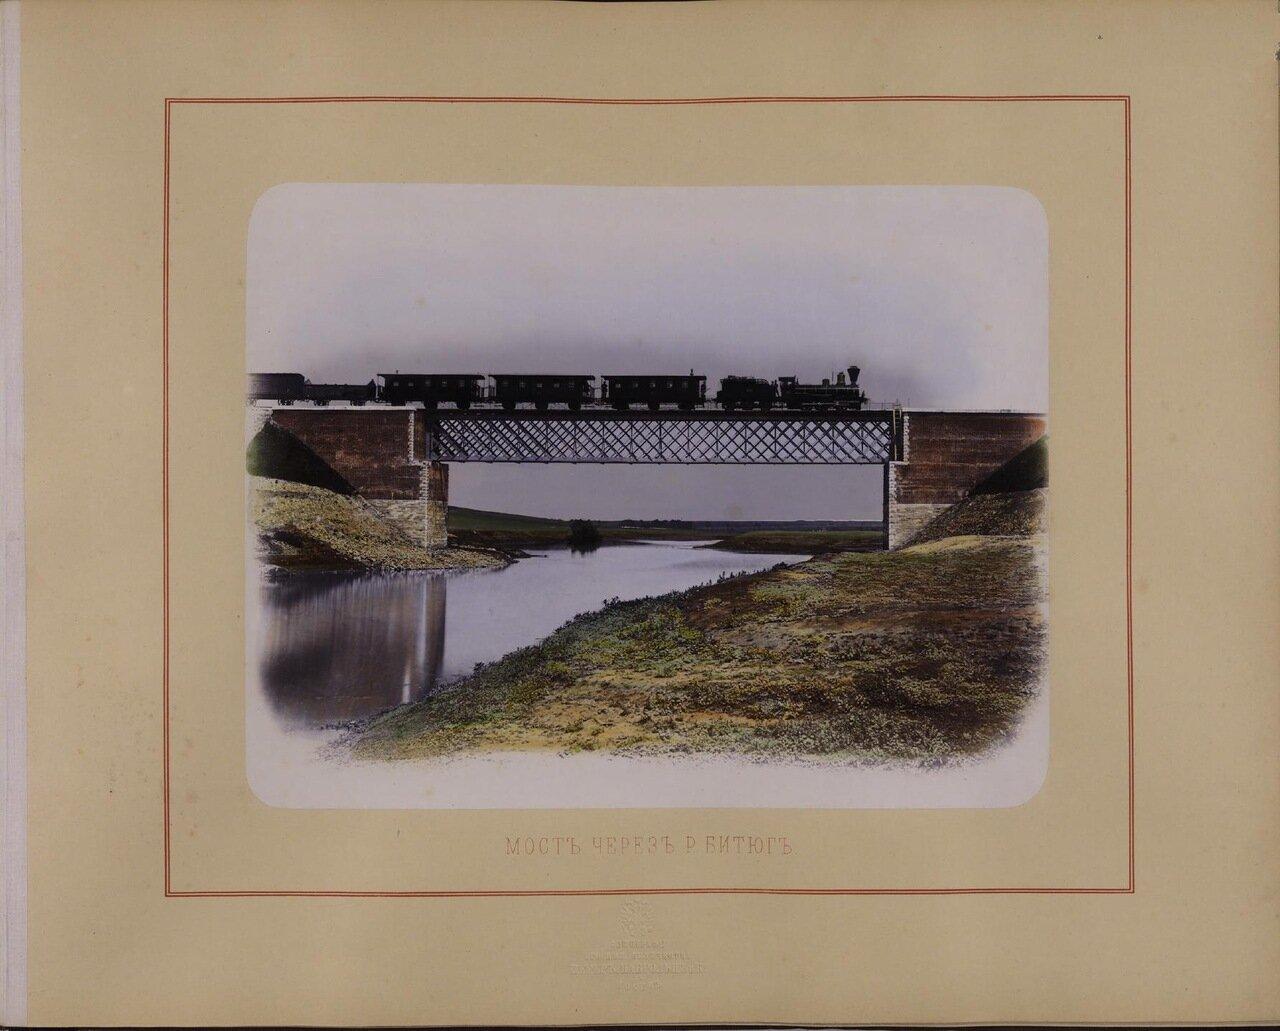 Мост через реку Битюг. Ателье «Шерер и Набгольц». - 1869 г.